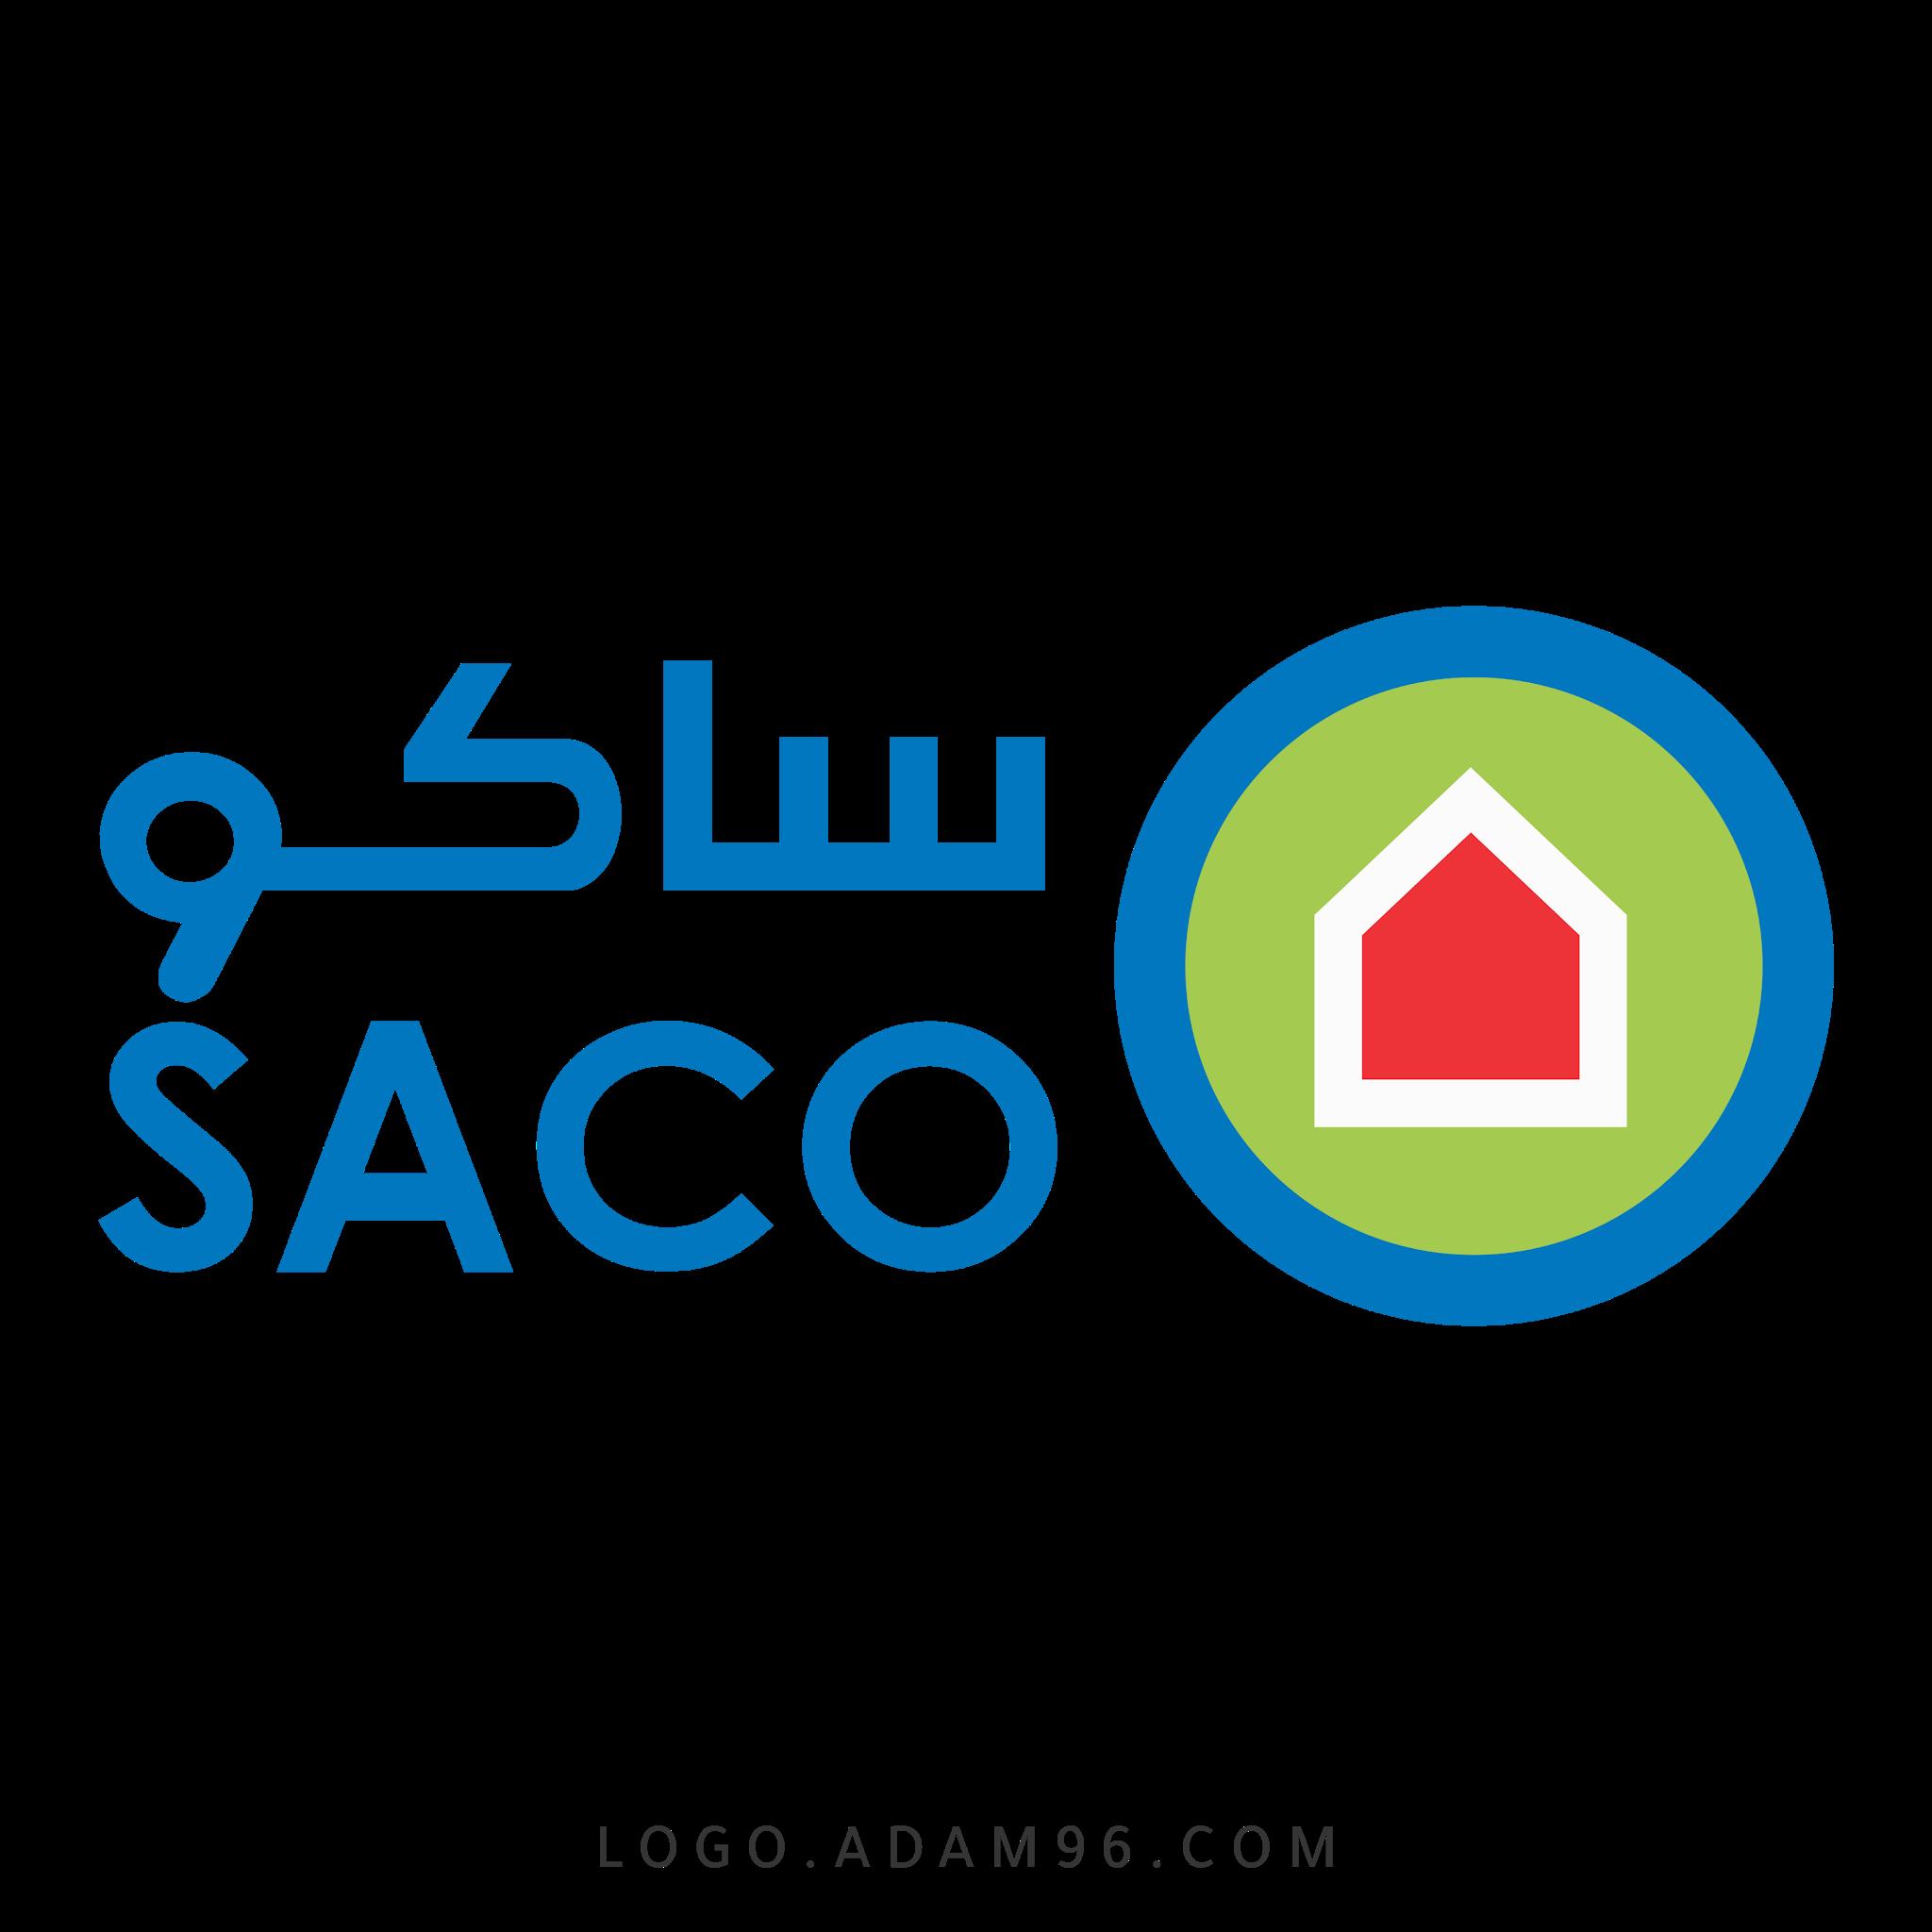 تحميل شعار شركة ساكو السعودية لوجو اصلي عالي الدقة بصيغة شفافة PNG